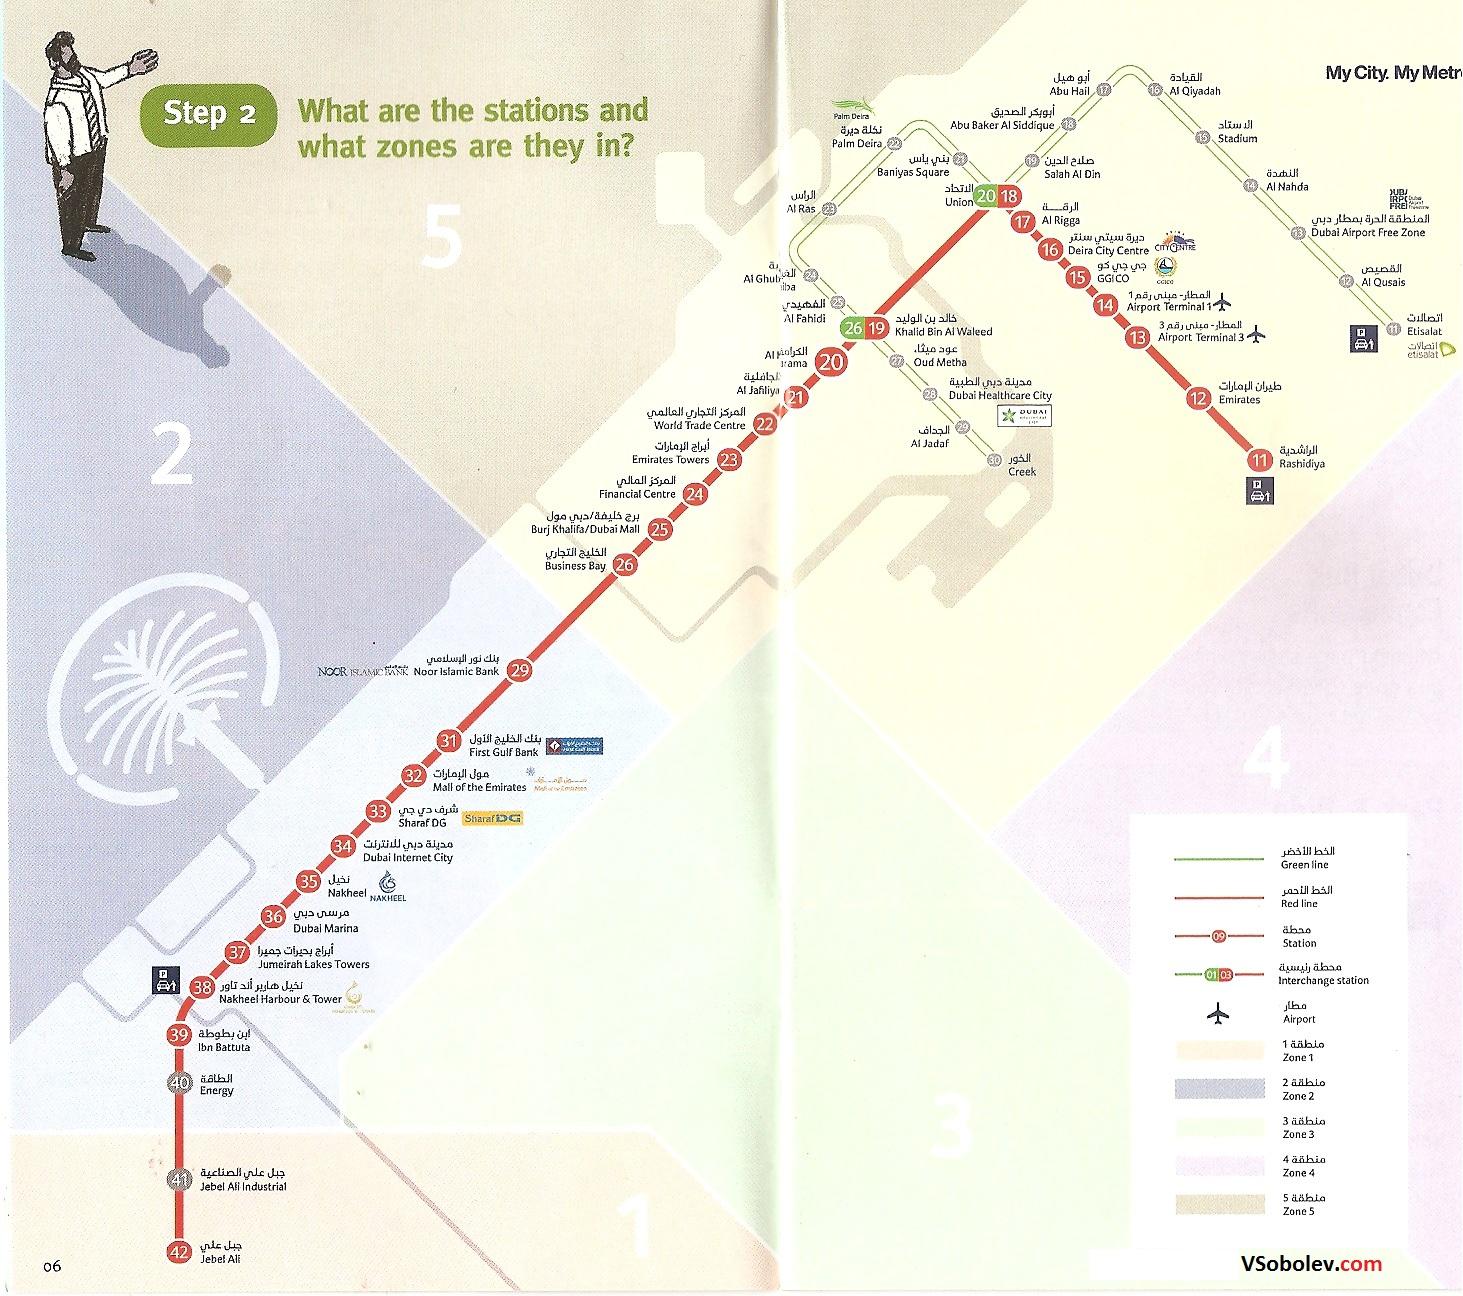 Карта метро Дубай с зонами